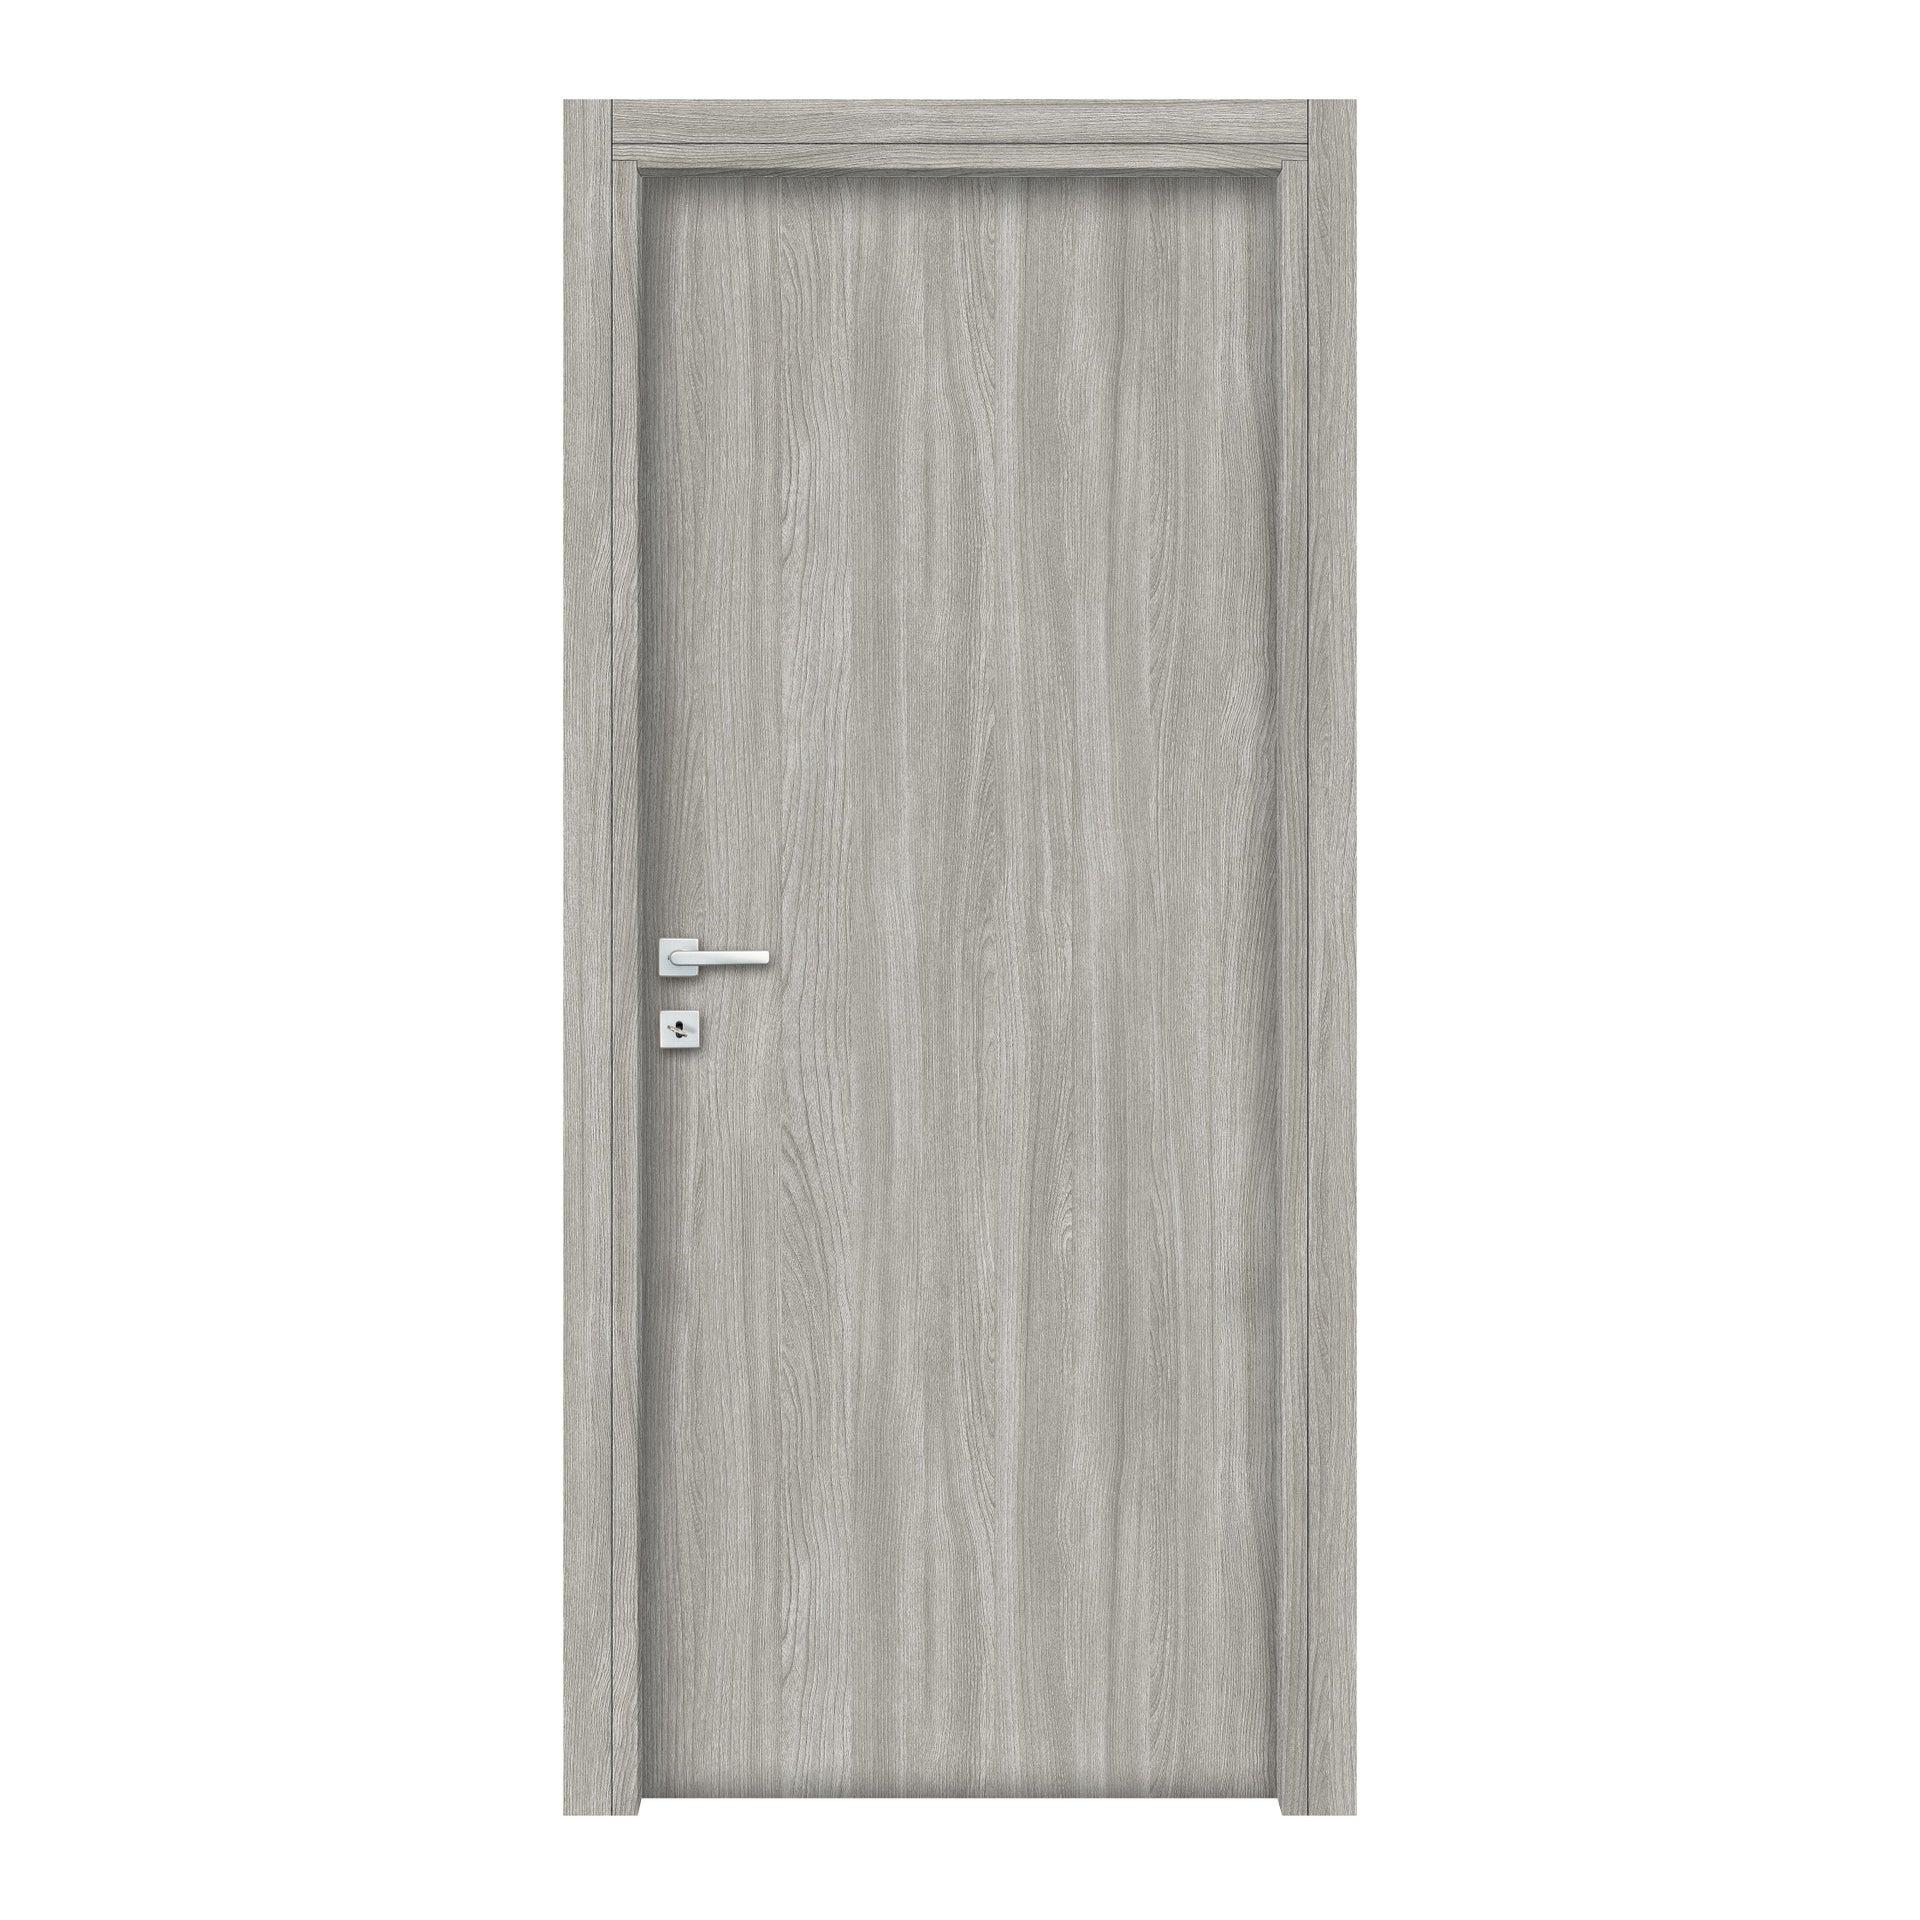 Porta a battente Braque grigio L 80 x H 210 cm reversibile - 2